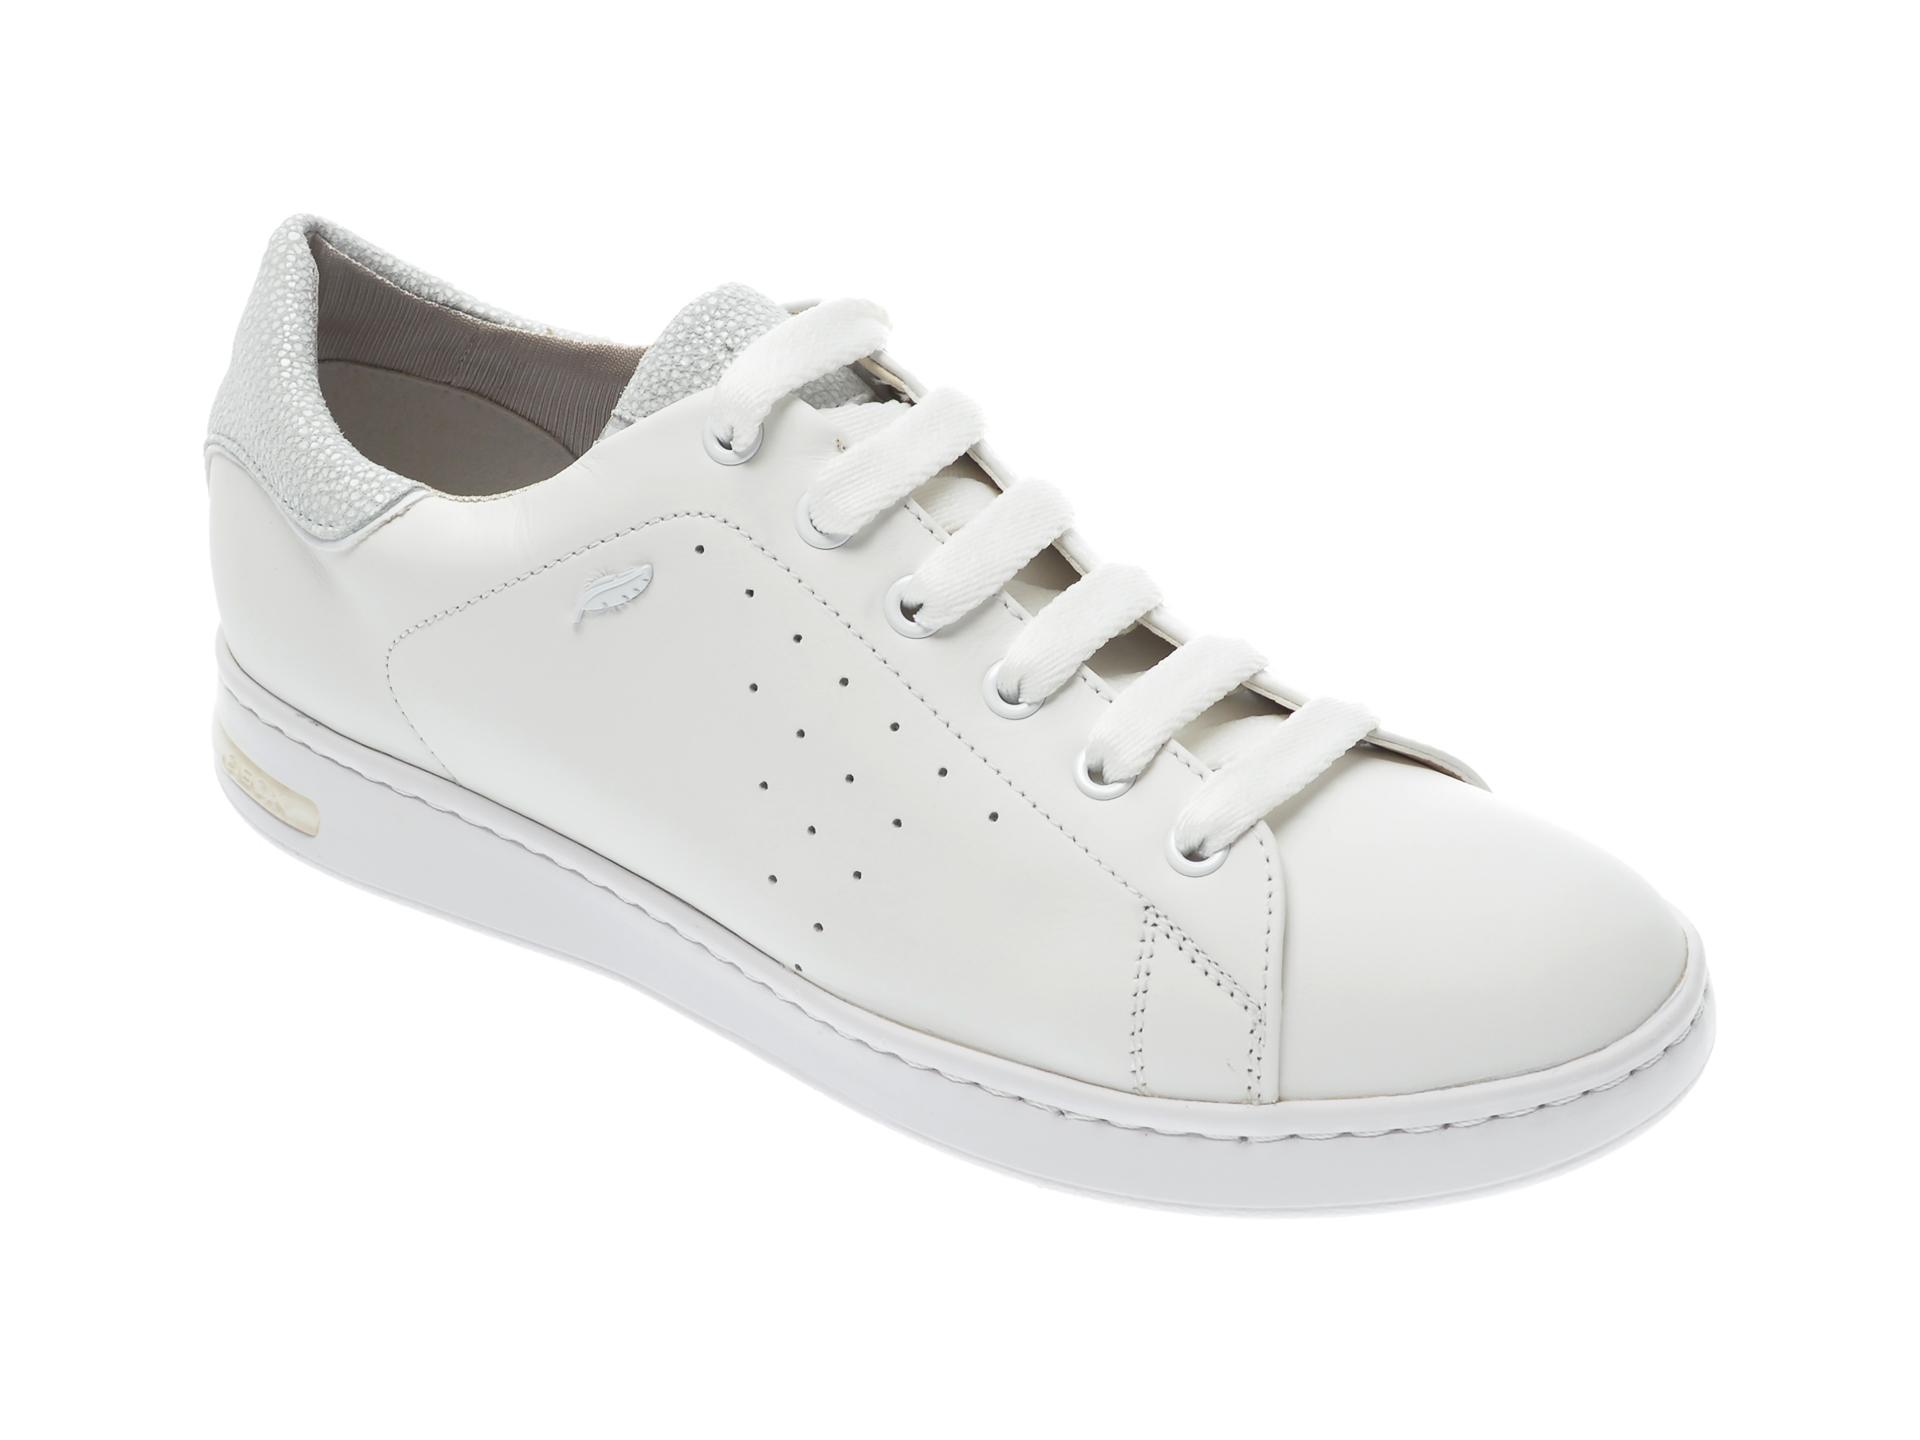 Pantofi sport GEOX albi, D621BA, din piele naturala